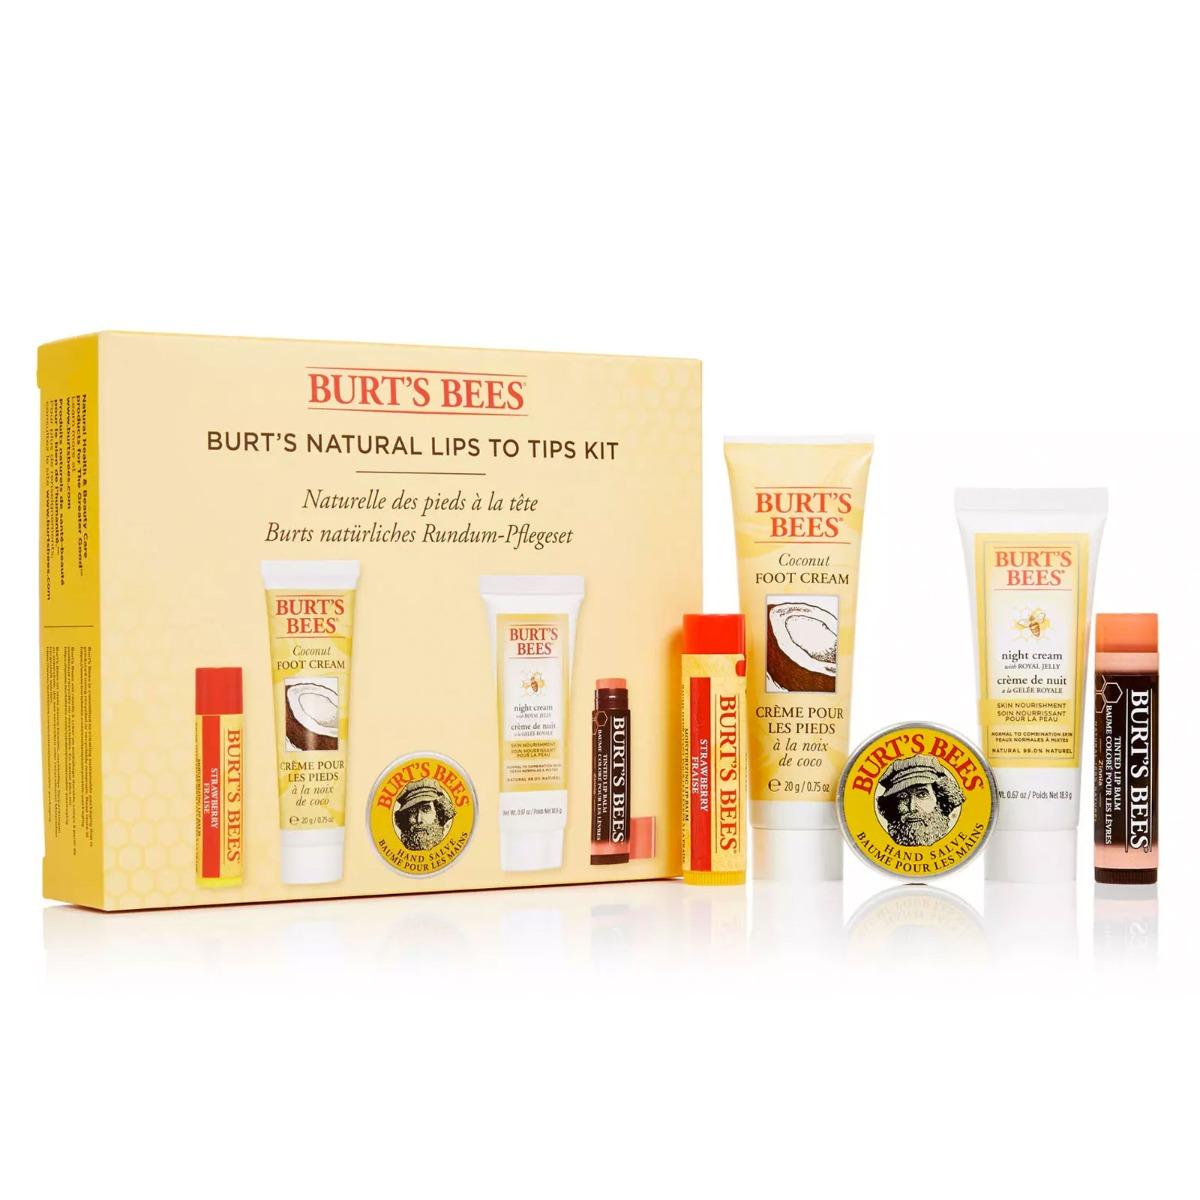 Burt's Bees Burt's Natural Lips to Tips Kit